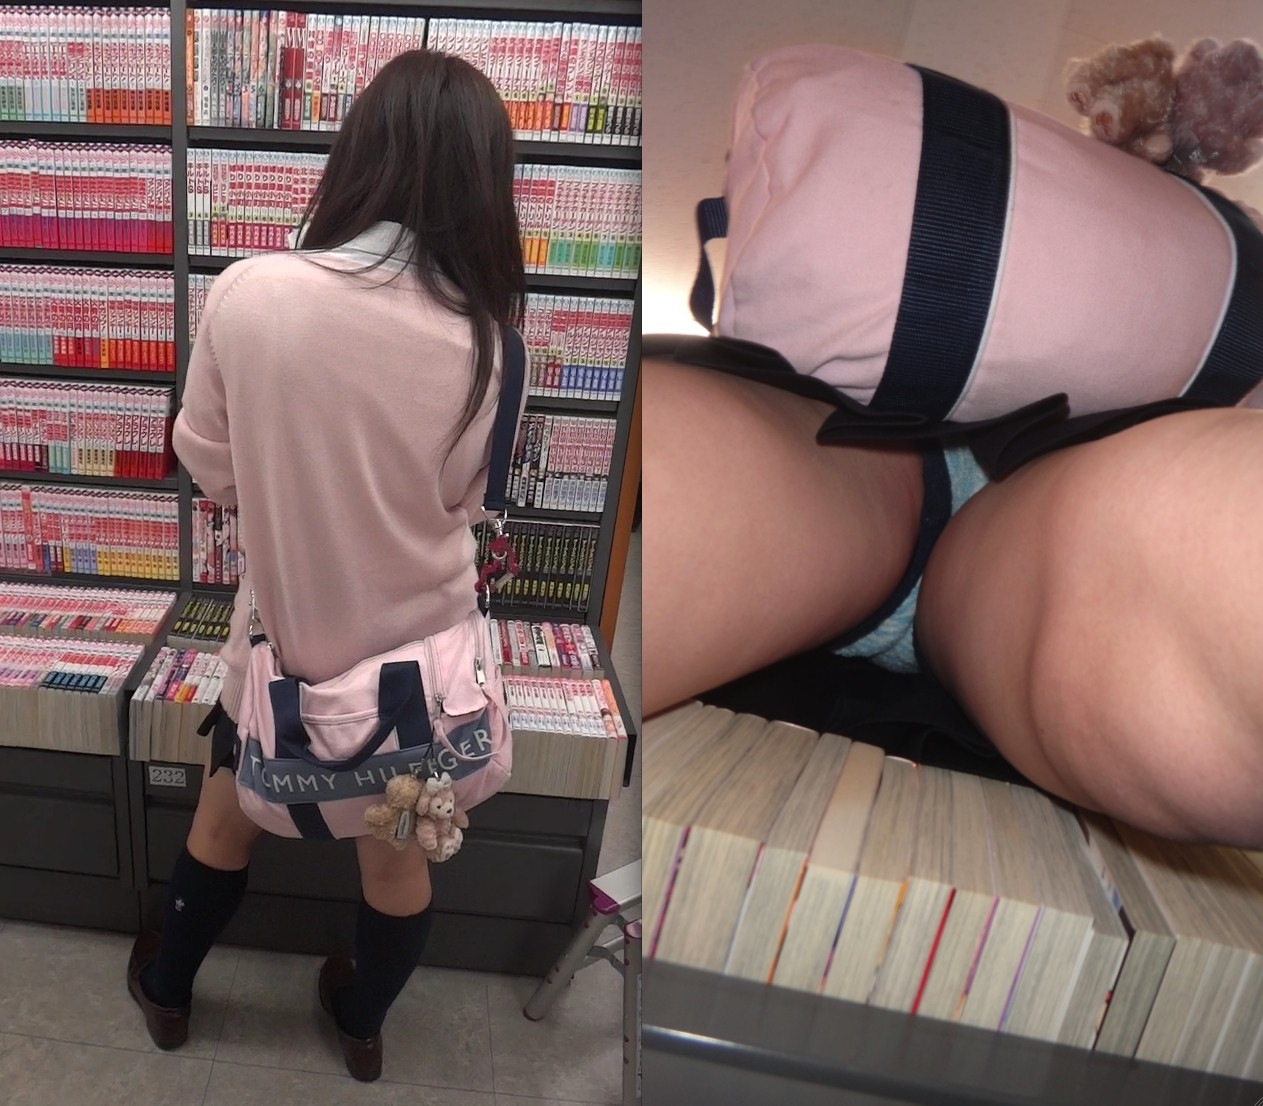 【画像】女子高生の下着に興味ある奴集合ぞwwww